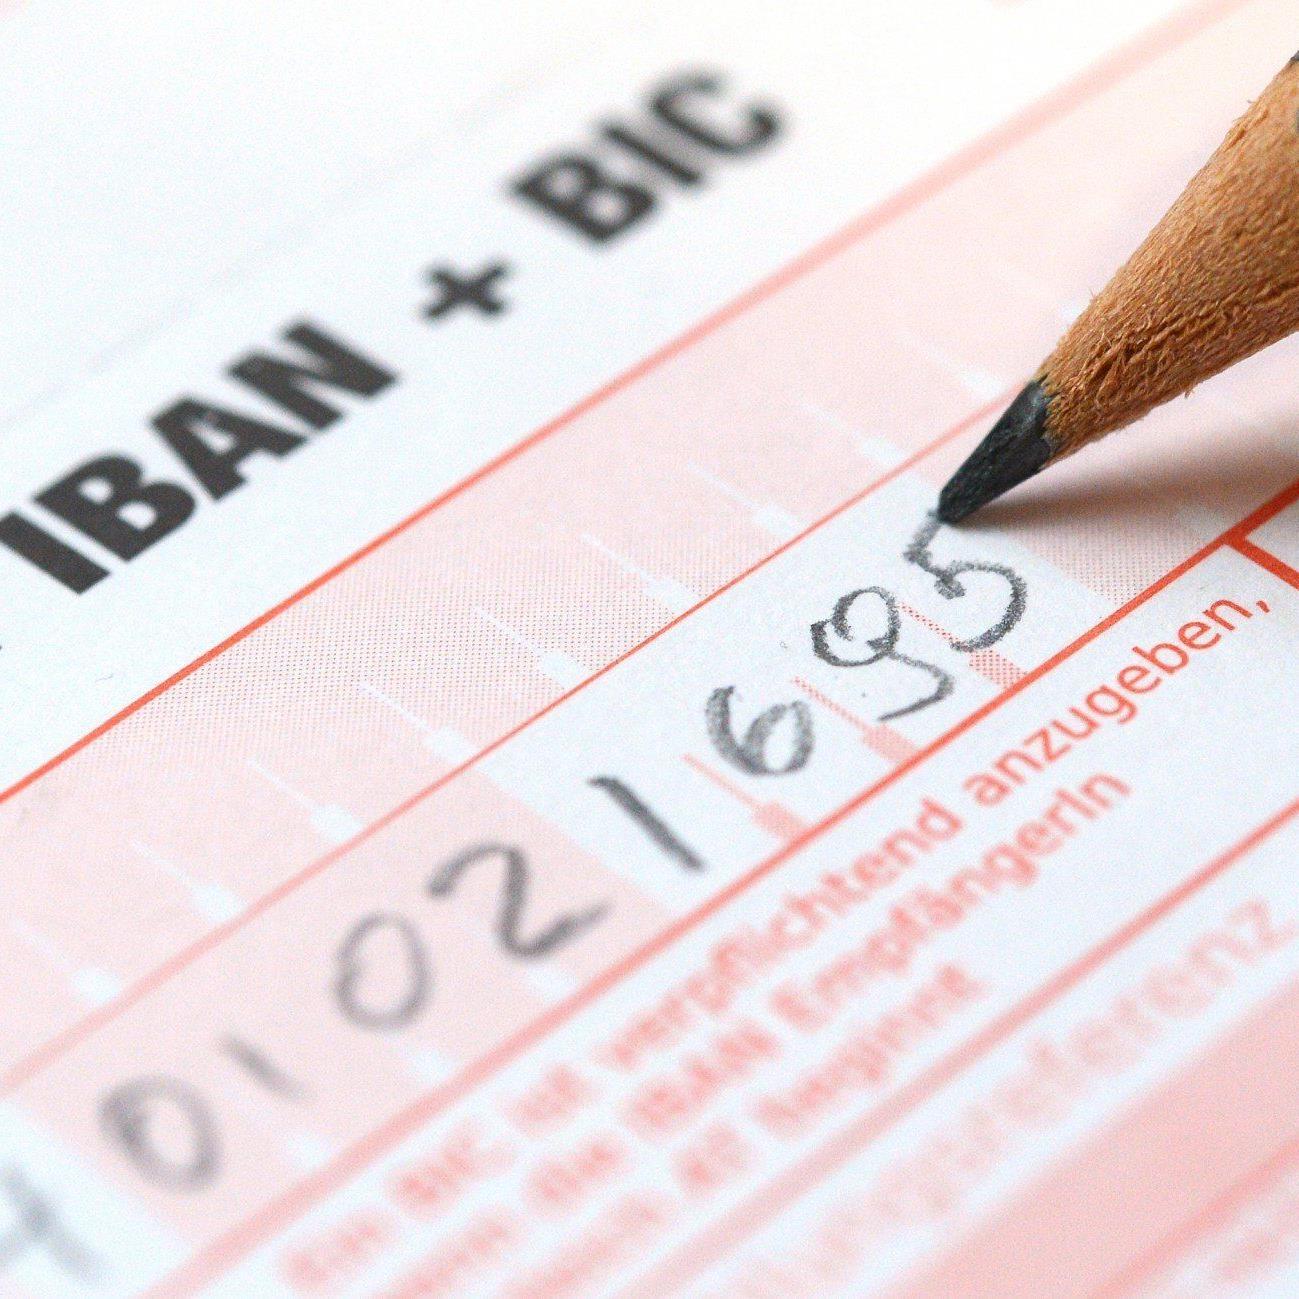 Banken-Appell an Kunden: IBAN und BIC ab sofort verwenden.